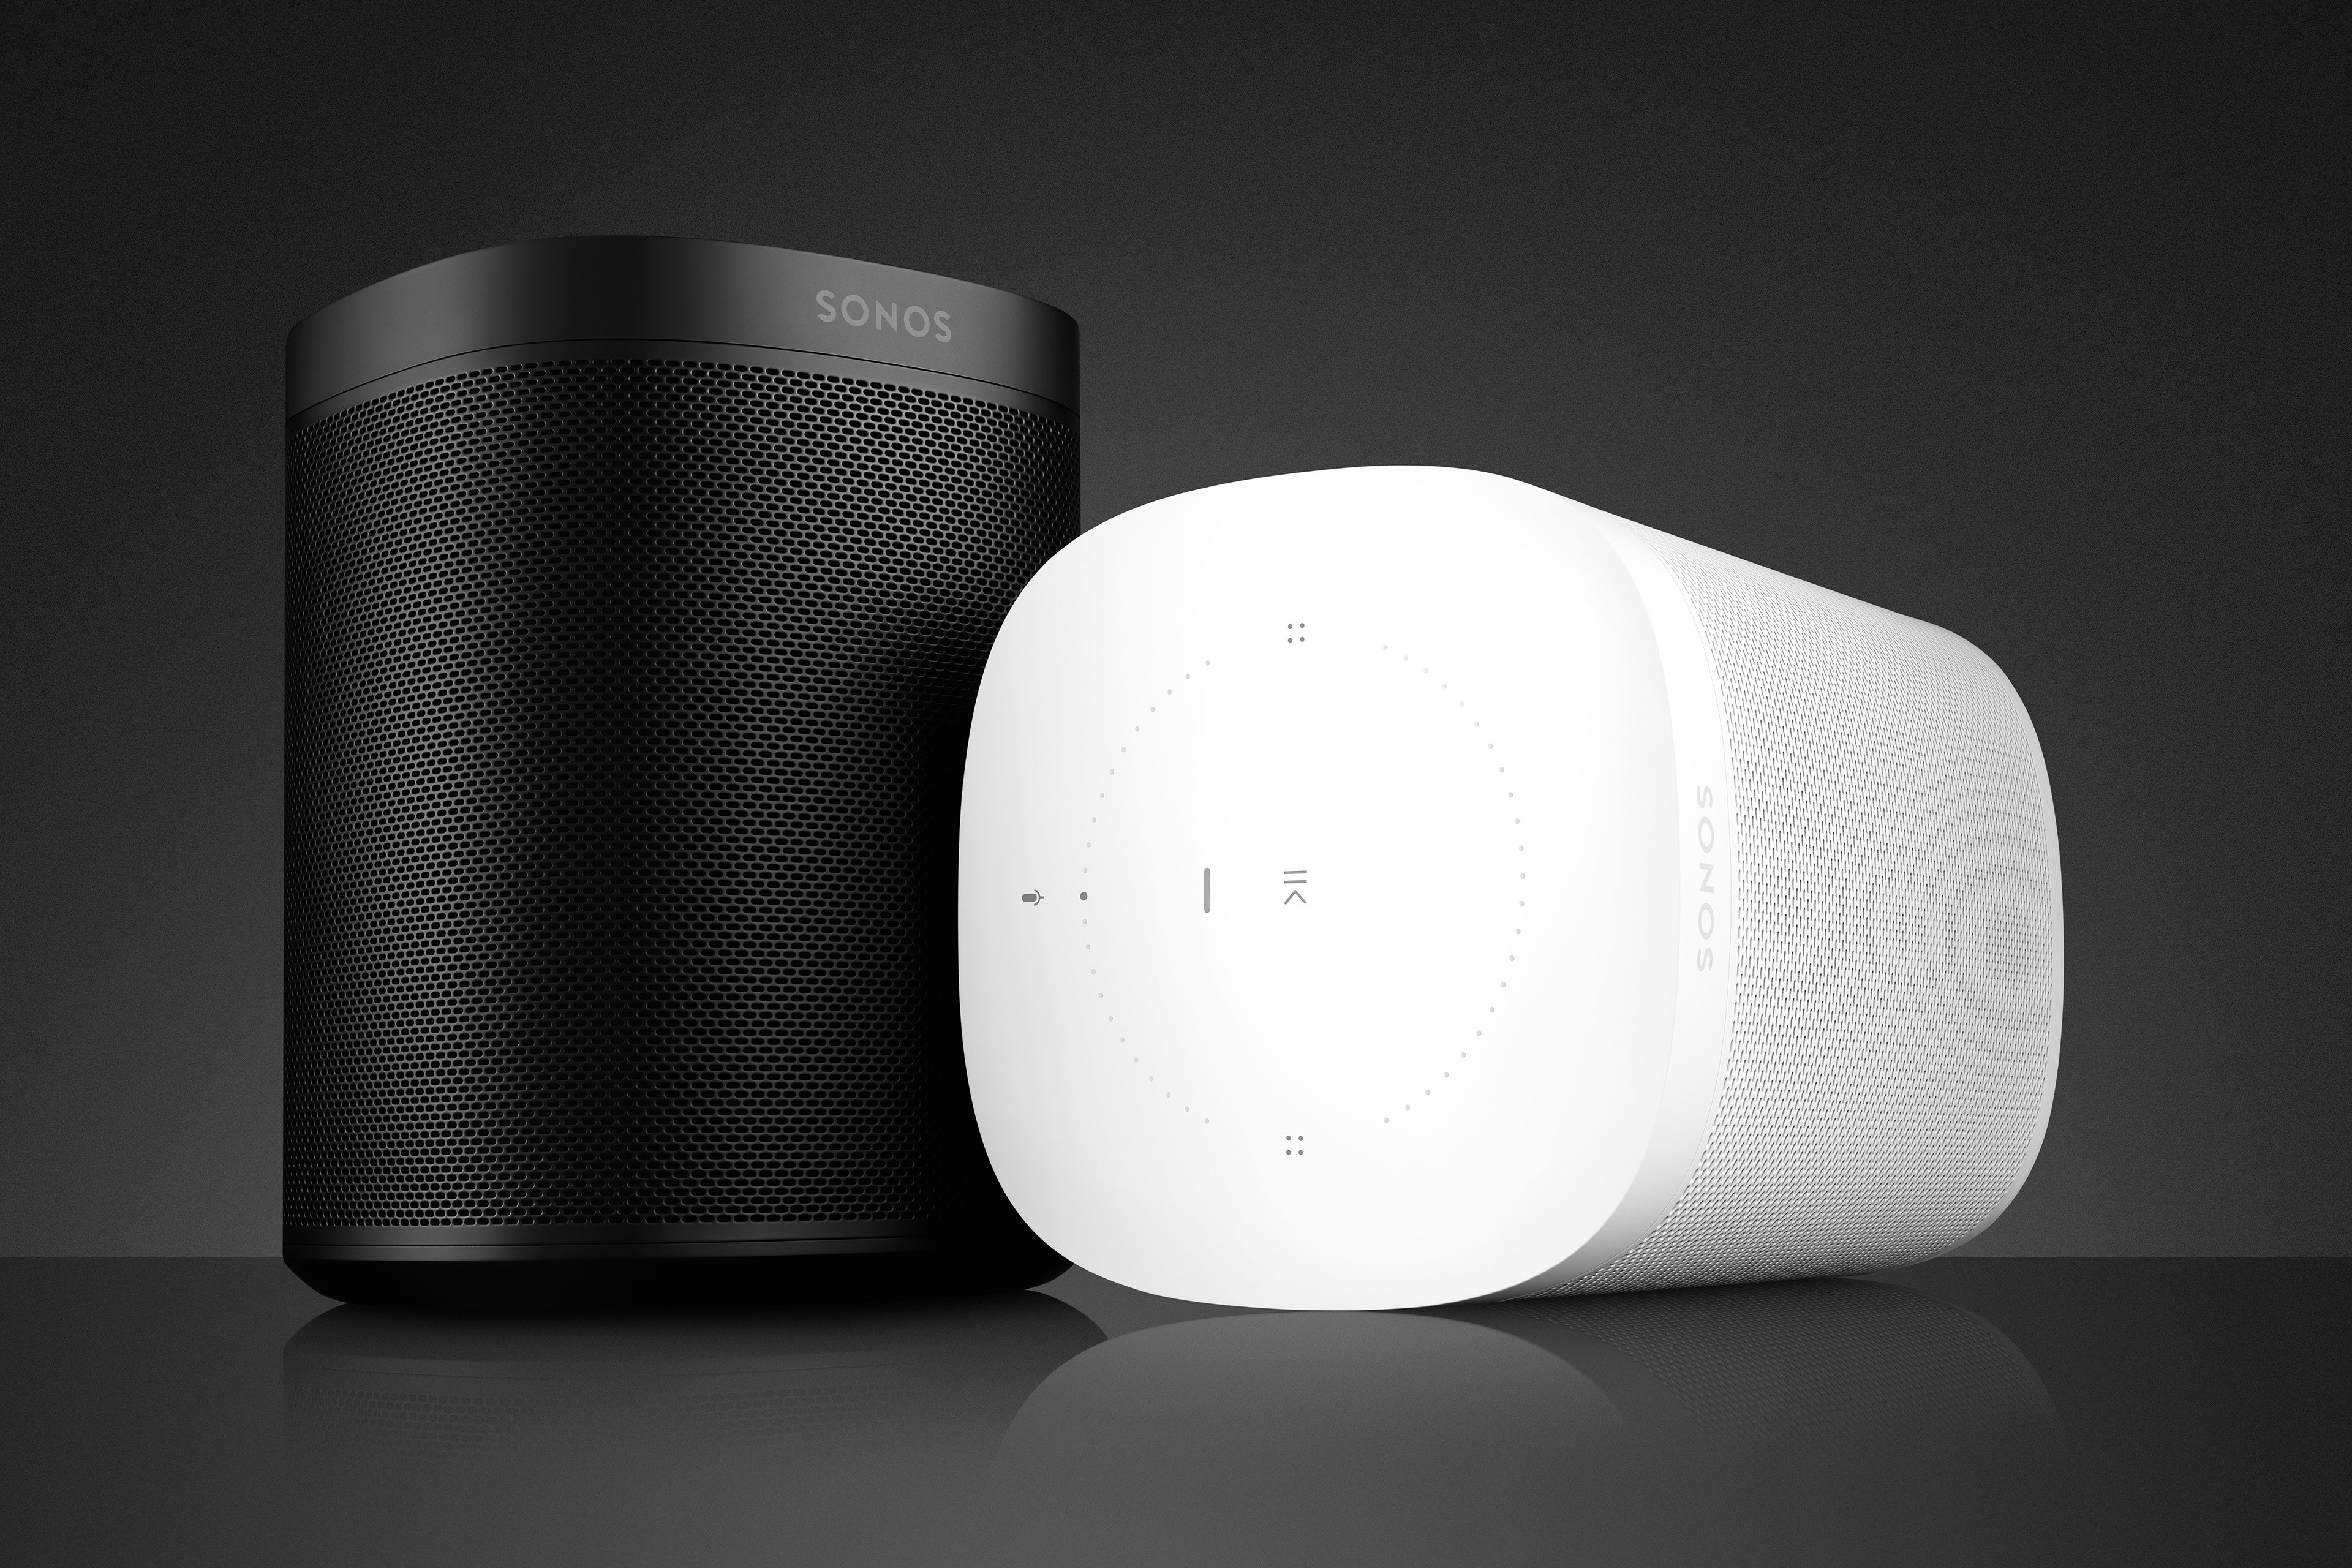 Sonos mise sur l'assistant intelligent d'Amazon — Enceintes intelligentes